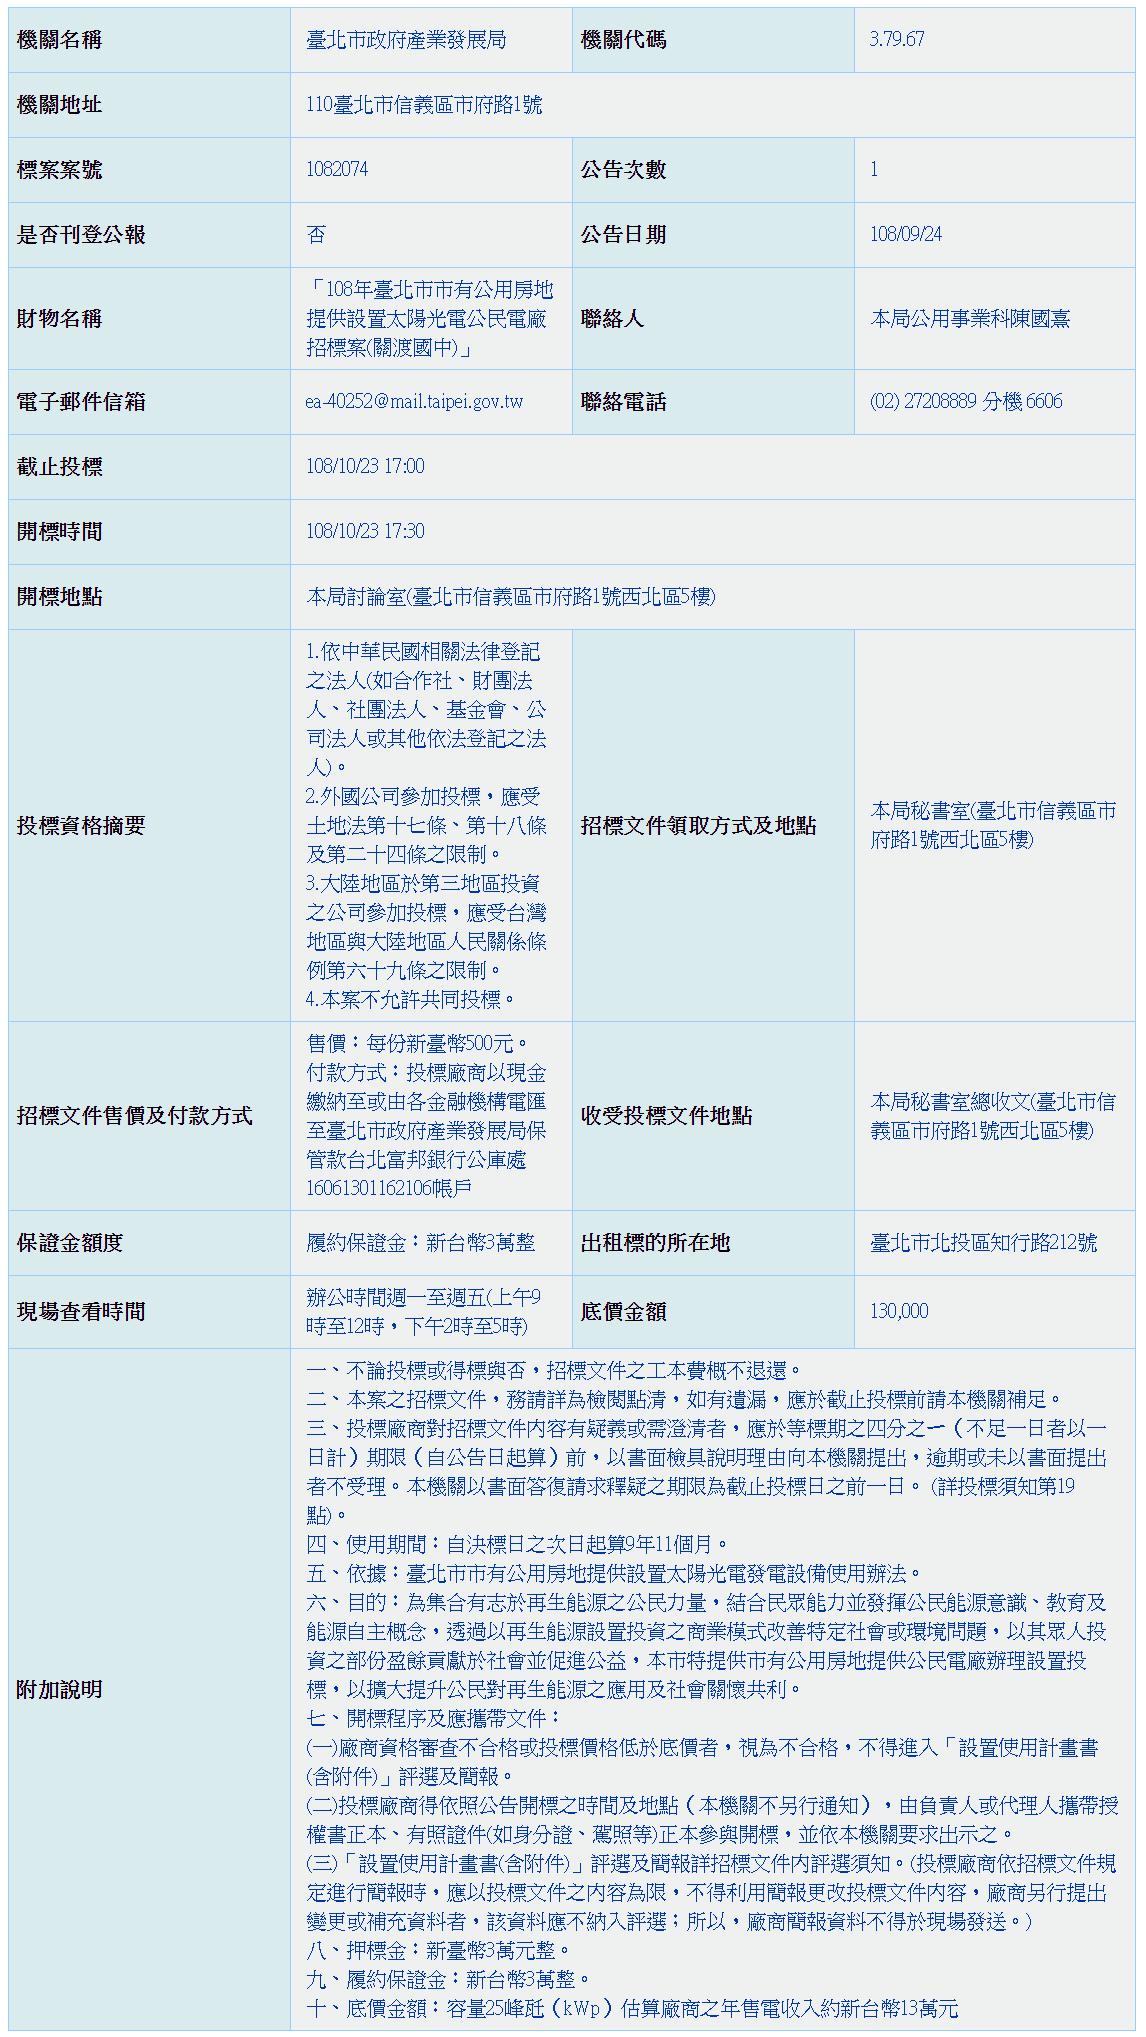 「108年臺北市市有公用房地提供設置太陽光電公民電廠招標案(關渡國中)」